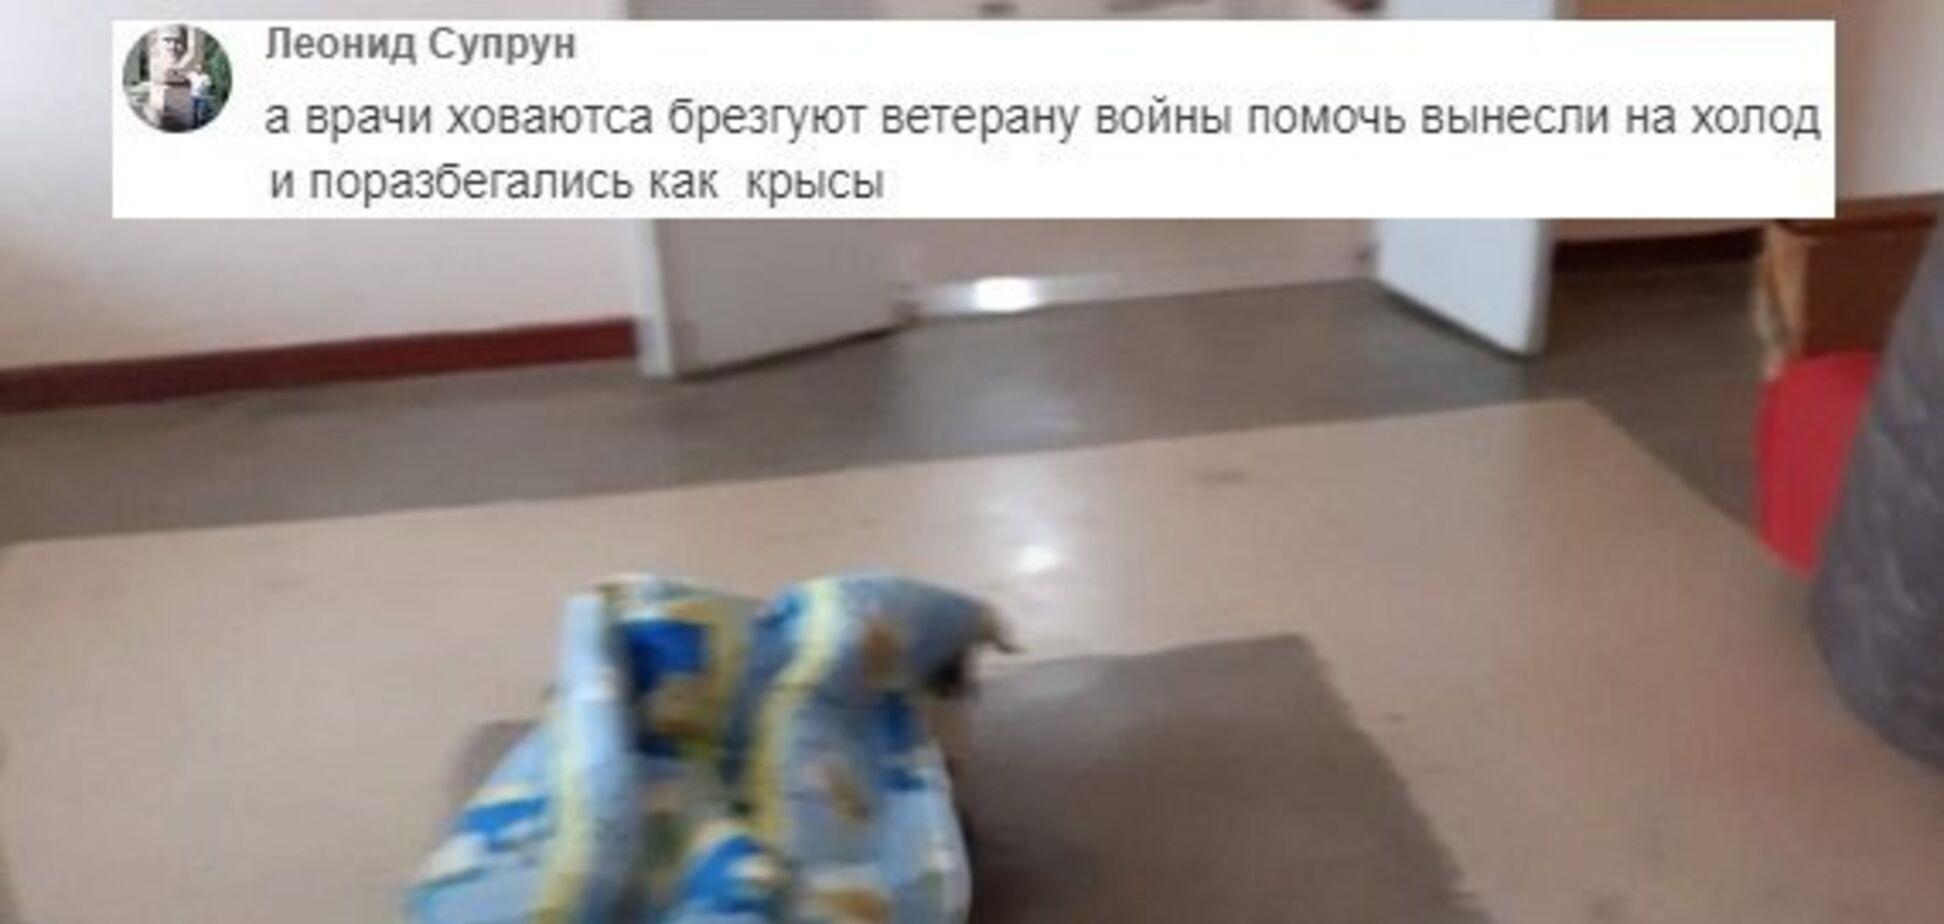 ''Діди воювали'': в мережі показали жахливі фото, як у Криму викидають ветеранів